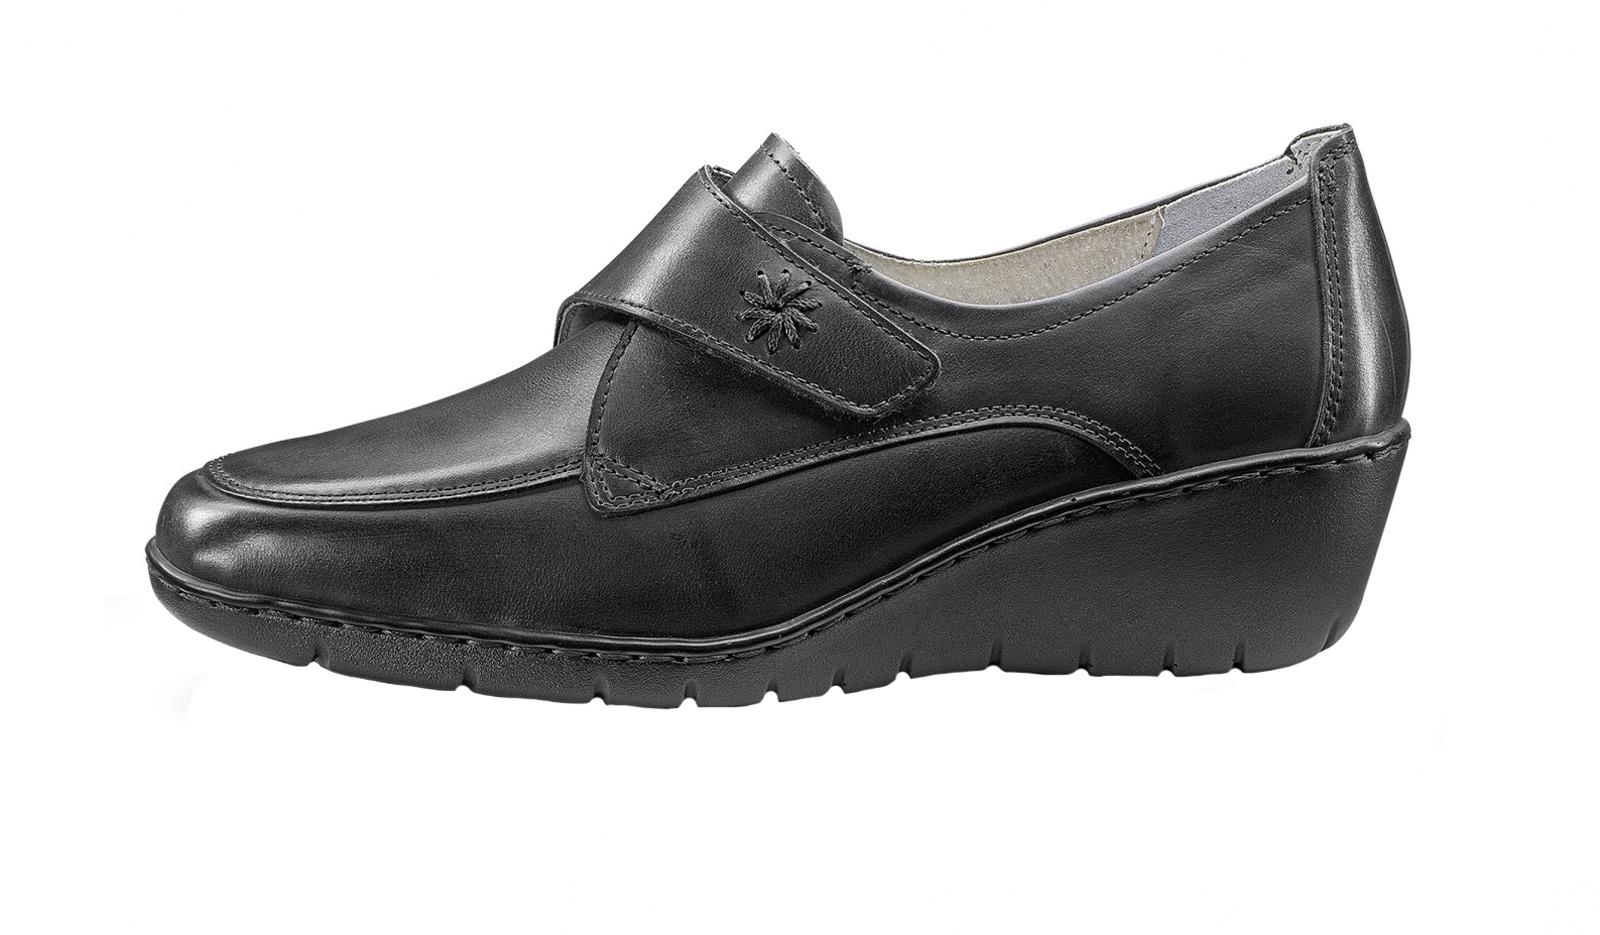 Damen Tamaris Mokassins Leder 25107 22 Schwarz Schuhe